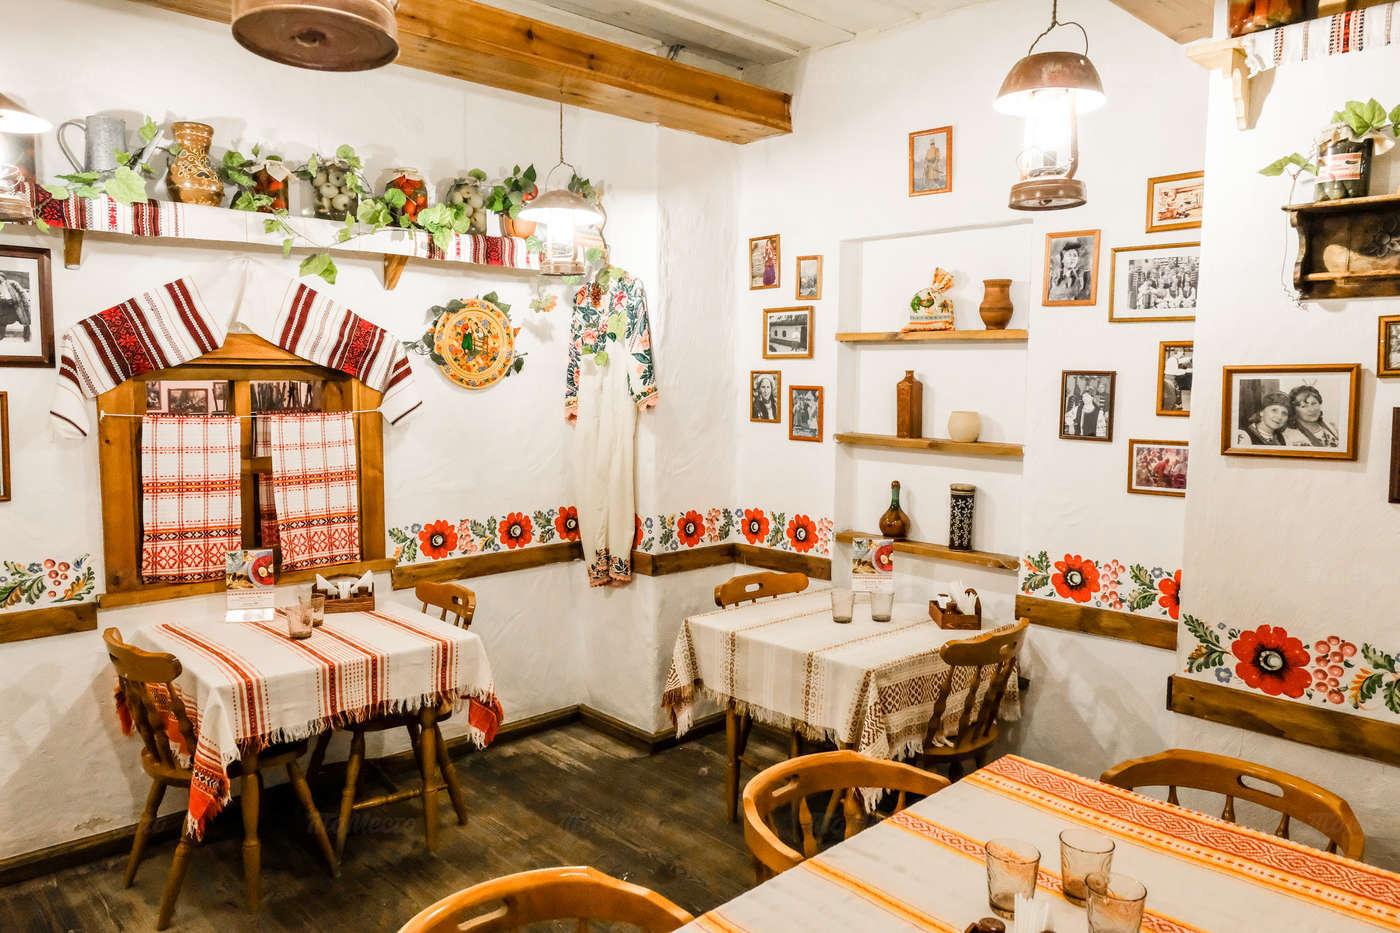 Ресторан Веселая кума на улице Костиной фото 6